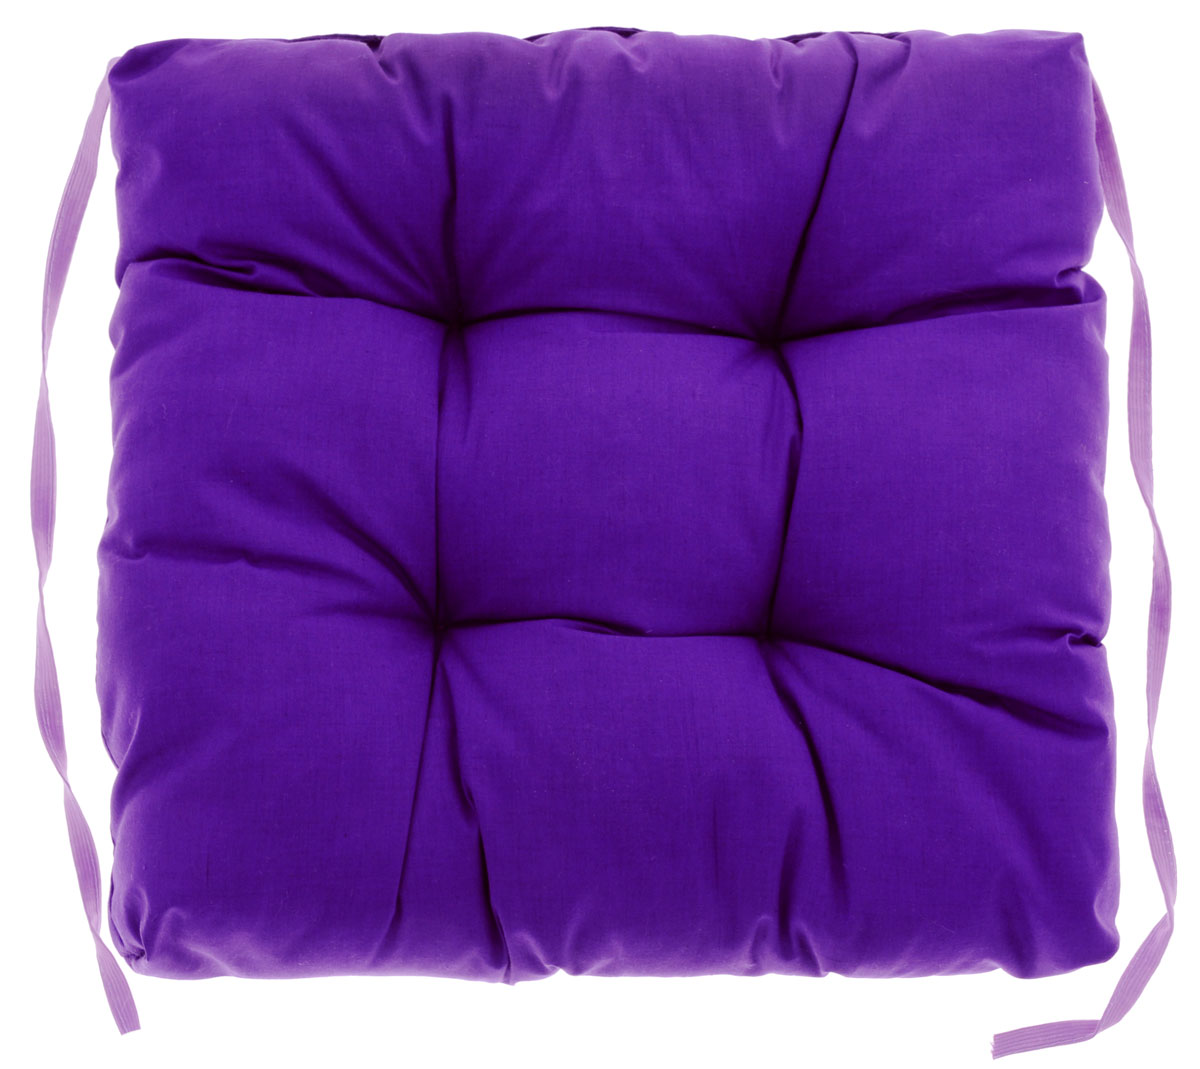 Подушка на стул Eva, объемная, цвет: фиолетовый, 40 см х 40 смЕ064_фиолетовыйПодушка Eva, изготовленная из хлопка, прослужит вам не один десяток лет. Внутри - мягкий наполнитель из полиэстера. Стежка надежно удерживает наполнитель внутри и не позволяет ему скатываться. Подушка легко крепится на стул с помощью завязок. Правильно сидеть - значит сохранить здоровье на долгие годы. Жесткие сидения подвергают наше здоровье опасности. Подушка с наполнителем из полиэстера поможет предотвратить многие беды, которыми грозит сидячий образ жизни.